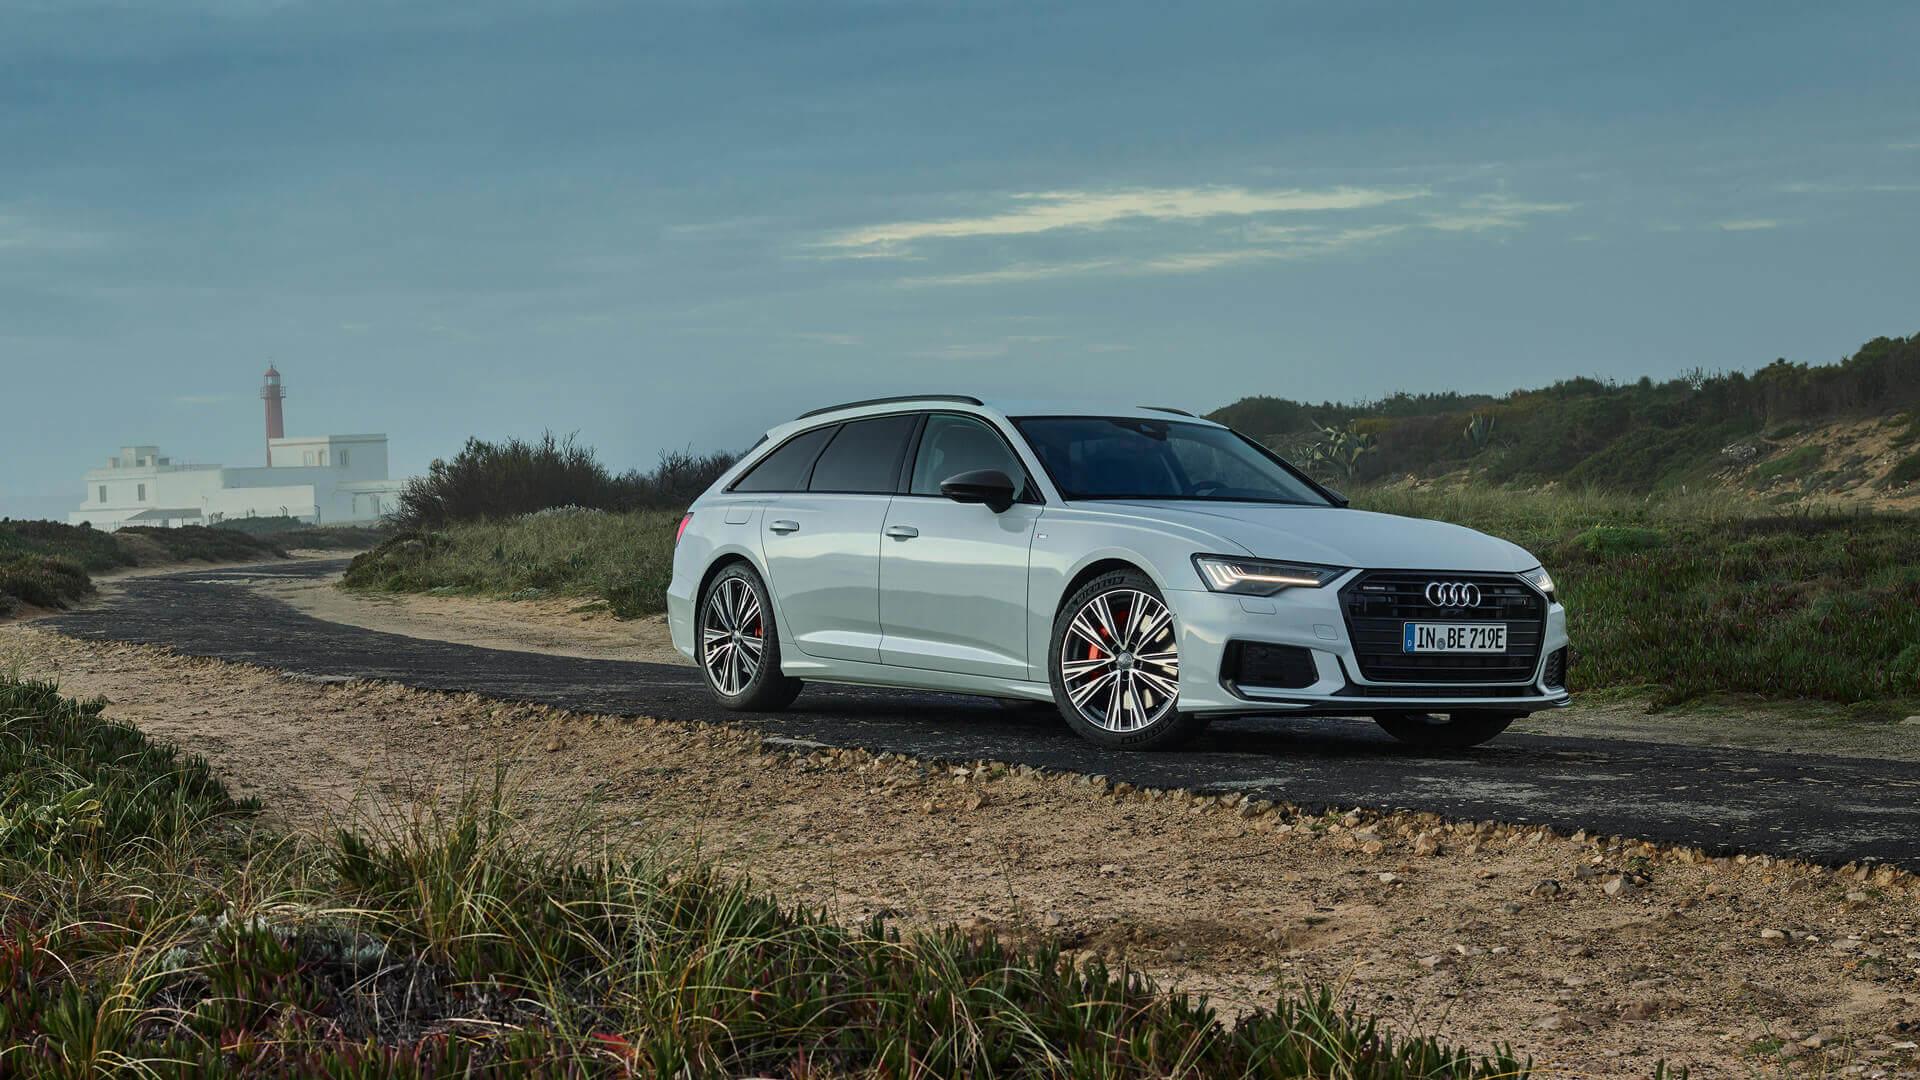 Универсал Audi A6 Avant TFSI e quattro PHEV получает 51 км электрического диапазона